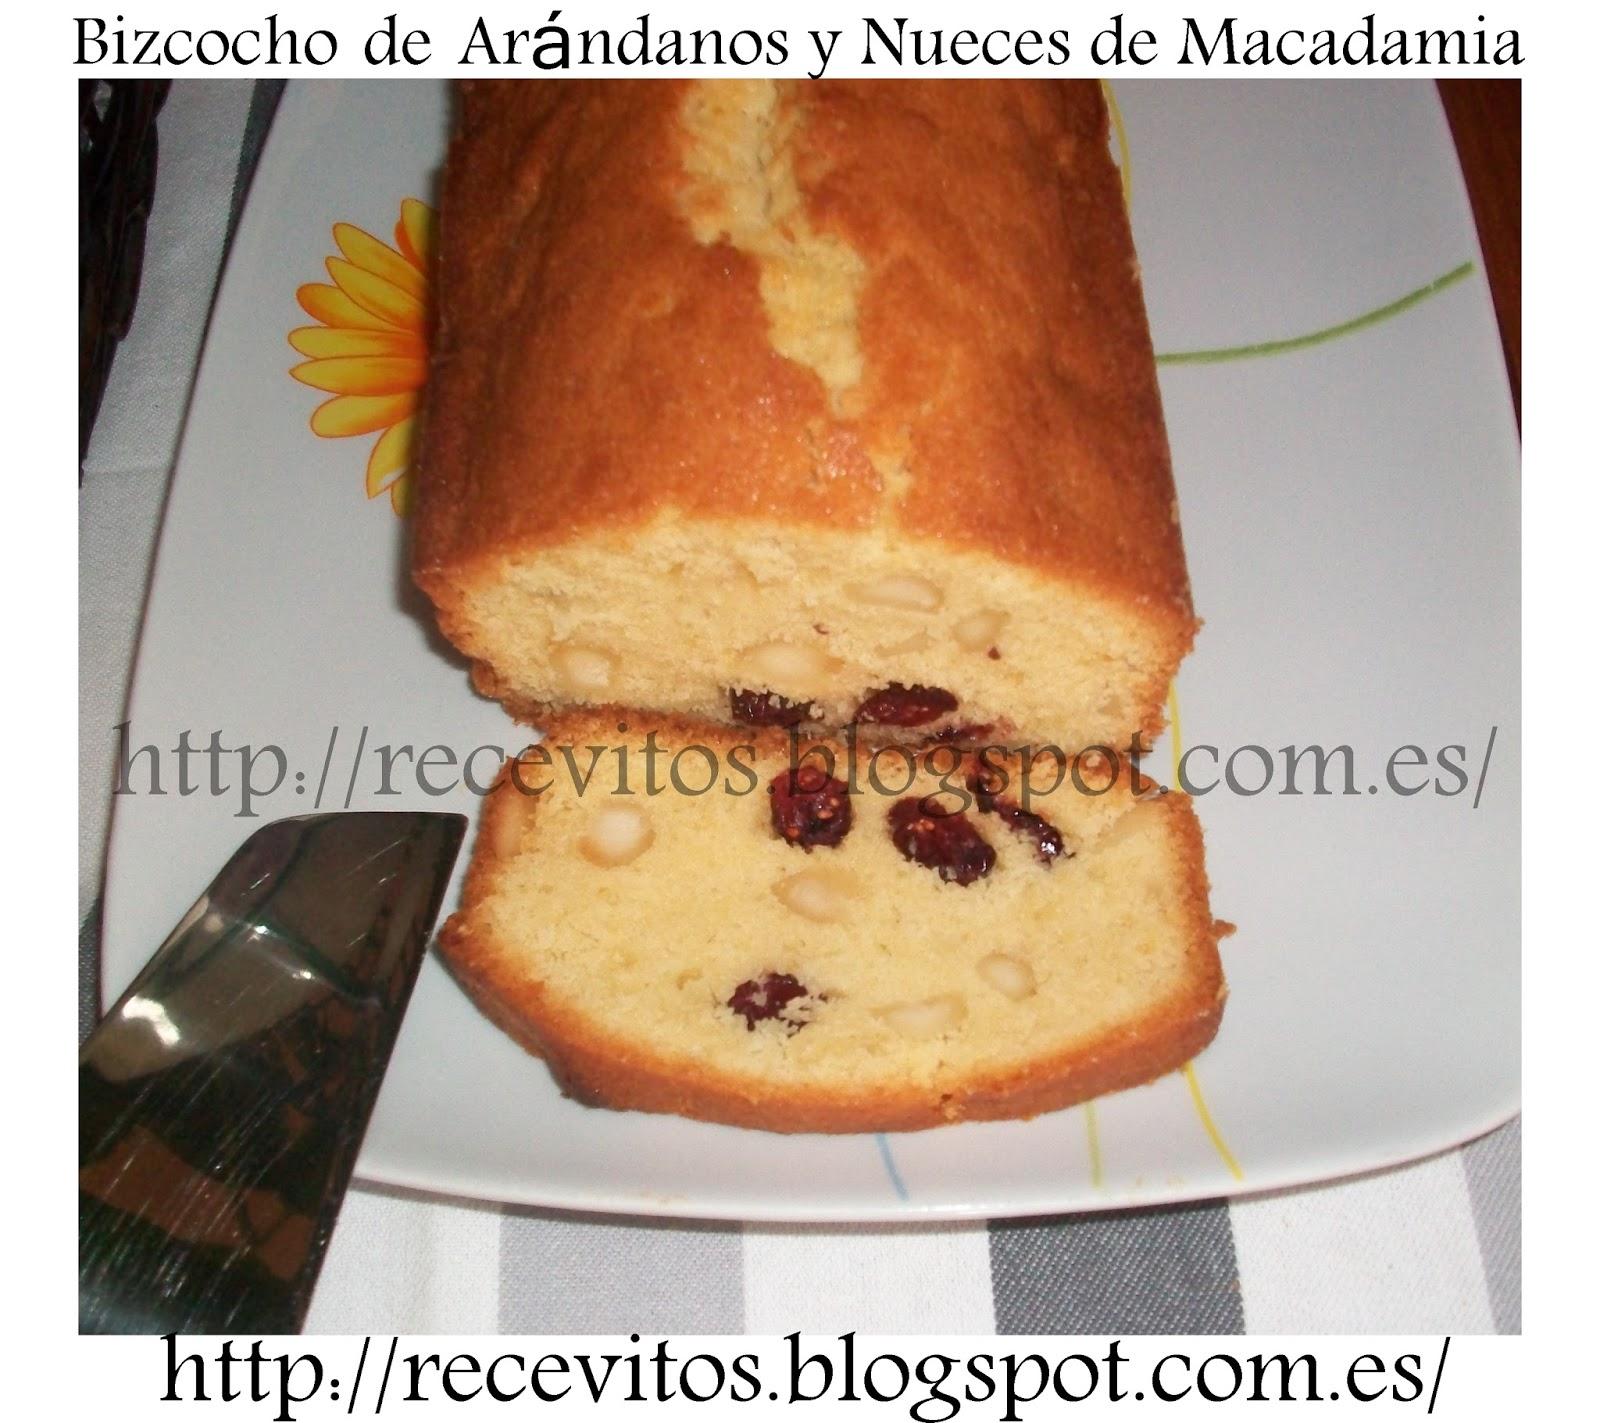 Recevitos bizcocho de ar ndanos y nueces de macadamia - Bizcocho microondas isasaweis ...